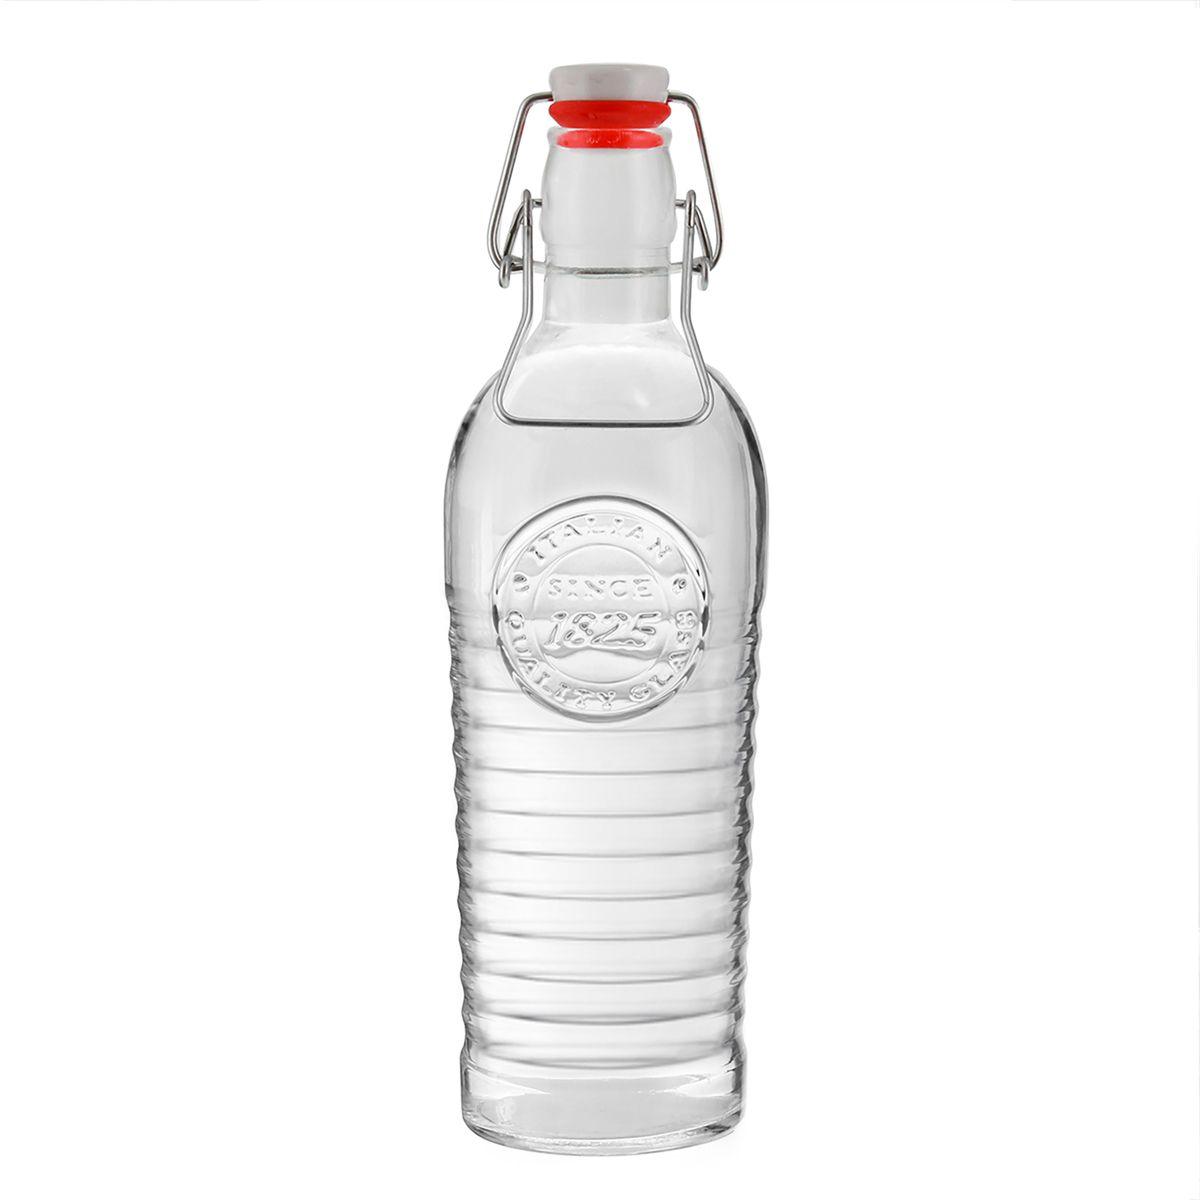 Bouteille Officina en verre transparent 1.2L - Bastide